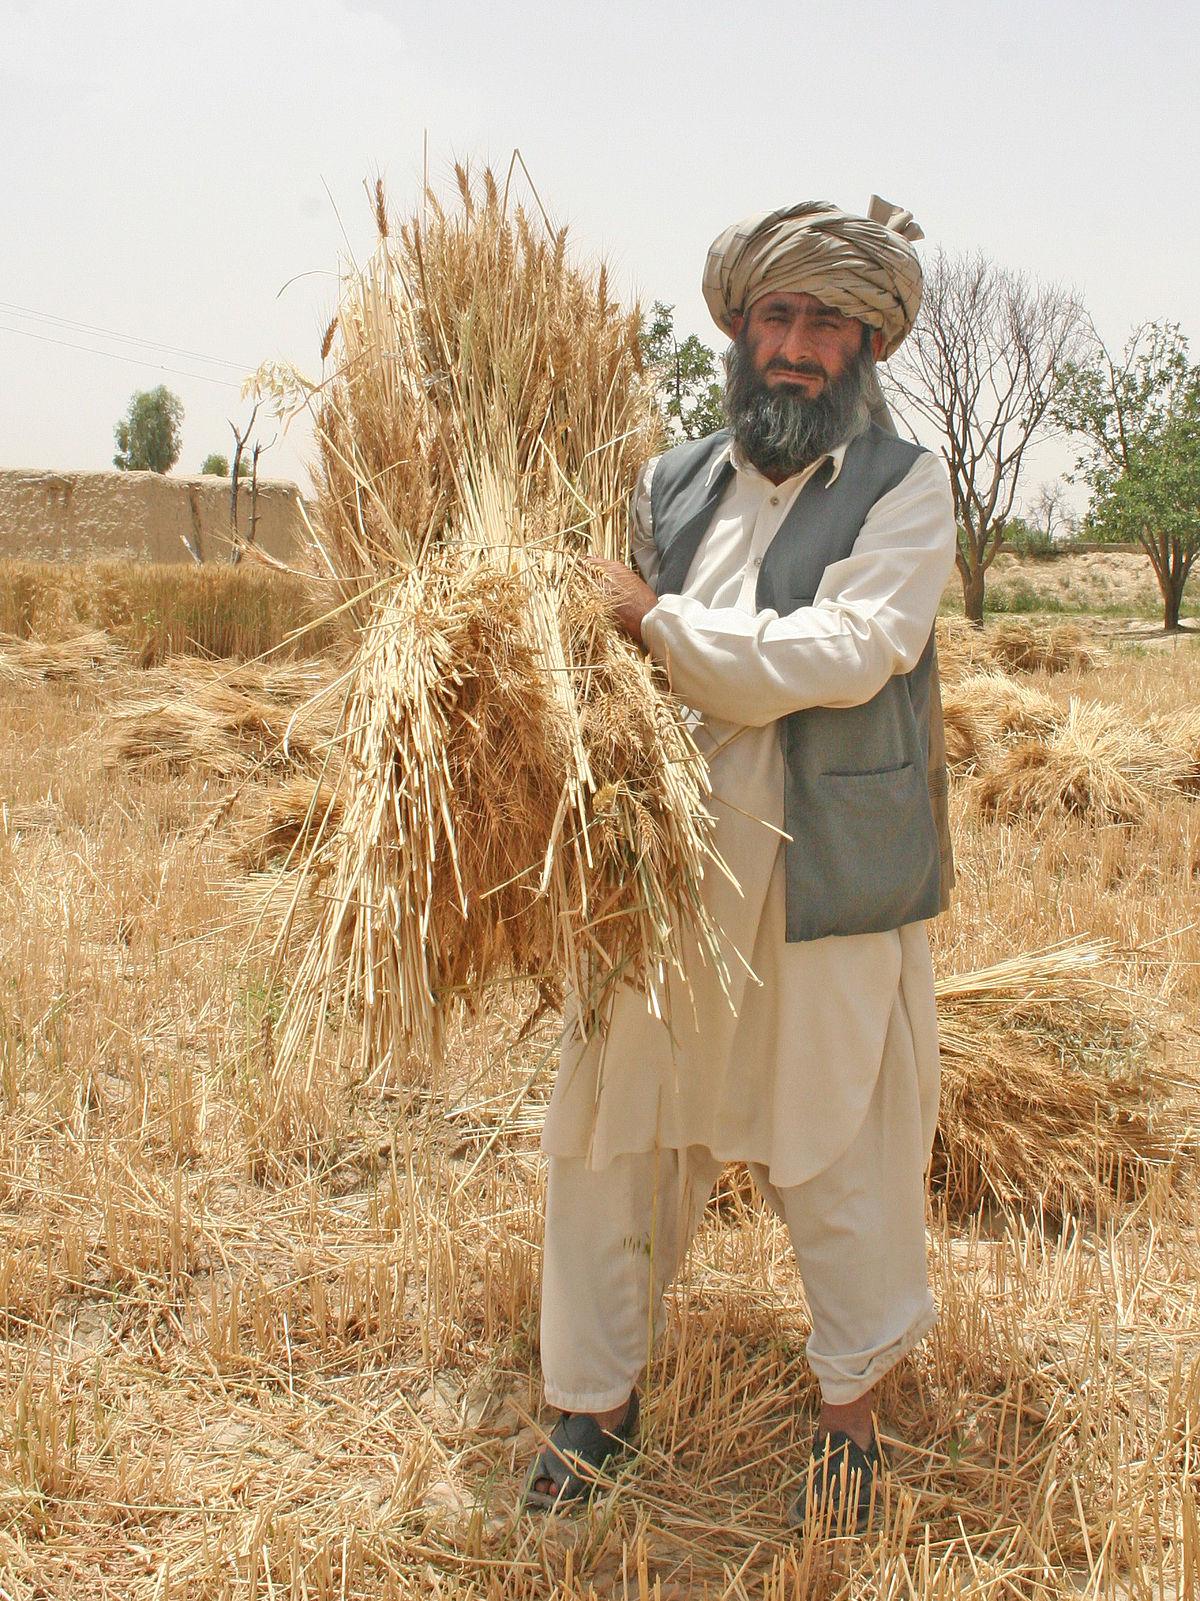 Essay on pakistani farmer